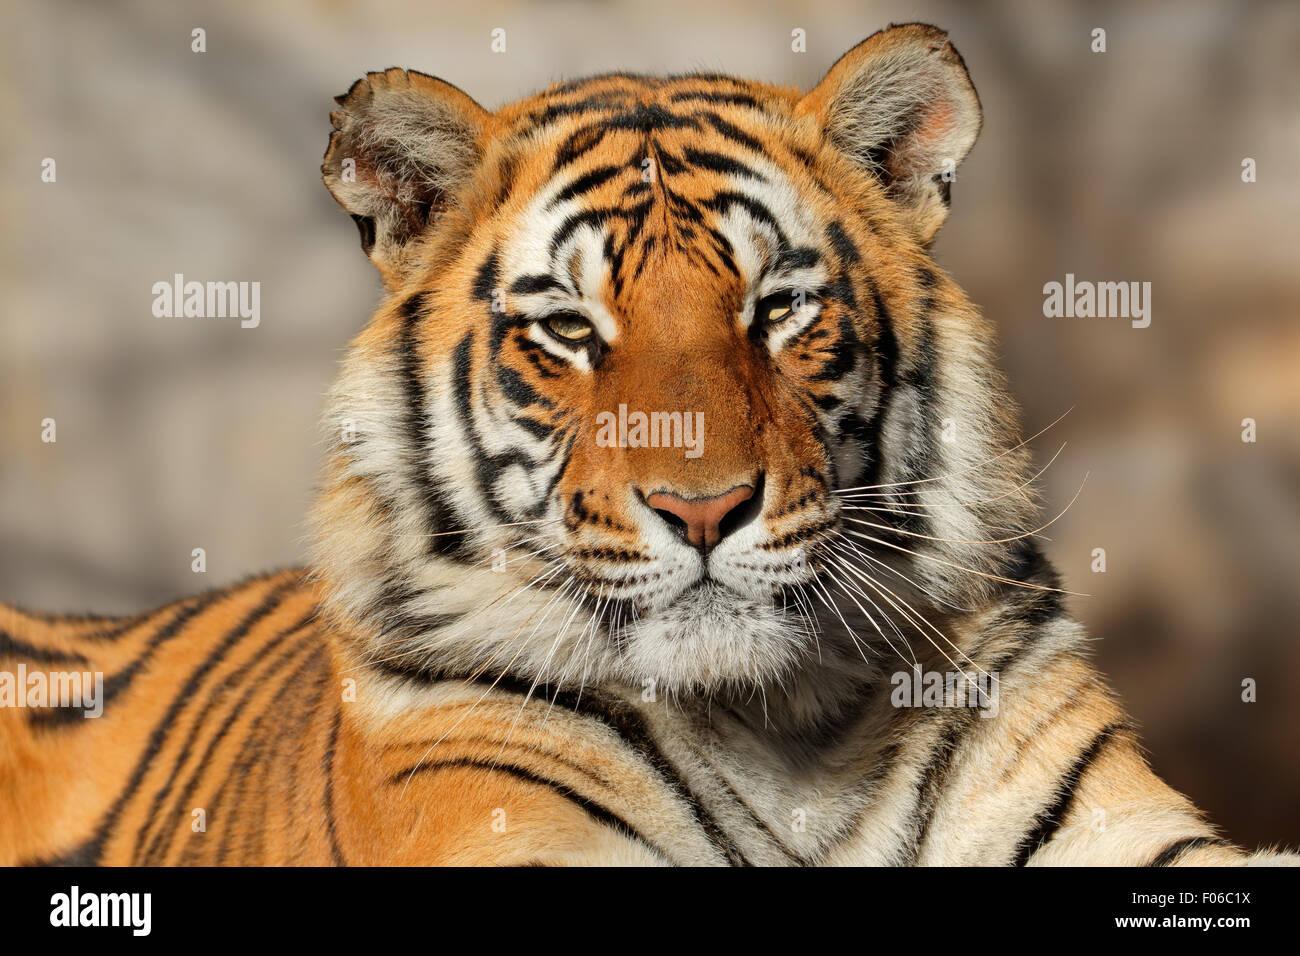 Ritratto di una tigre del Bengala (Panthera tigris bengalensis) Immagini Stock